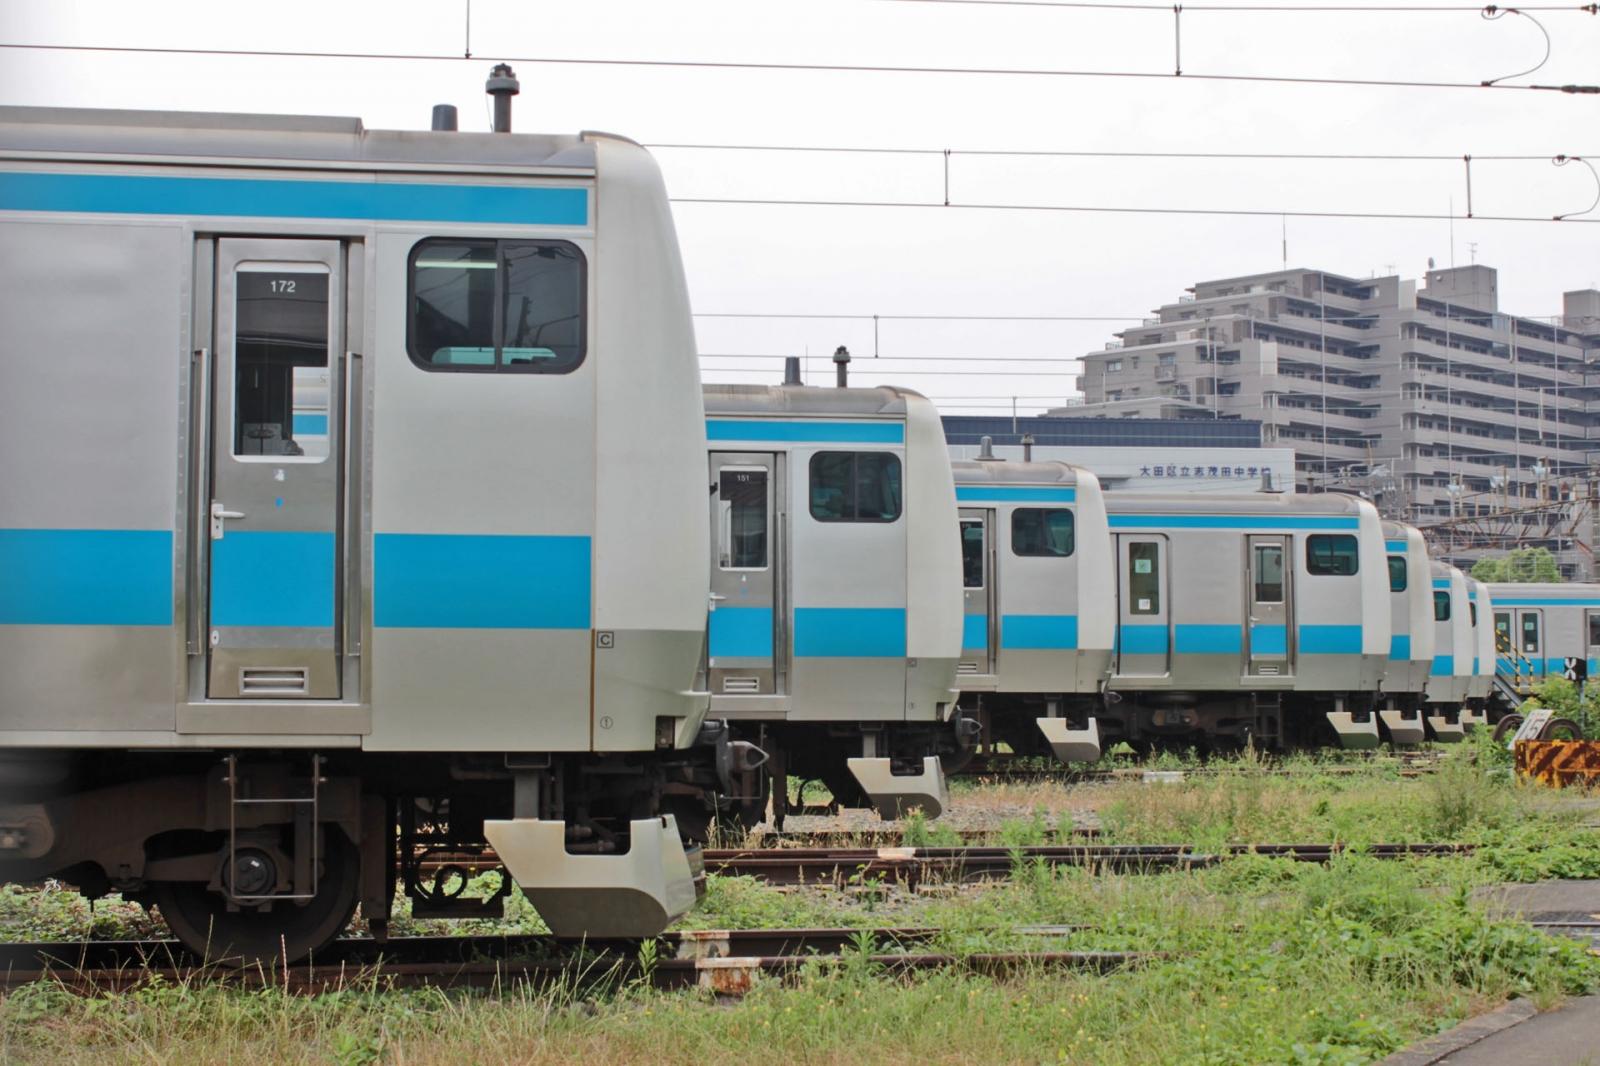 大田運輸区にいた「謎の車両」。: 鉄分補給〜時々ホビーの話でも。